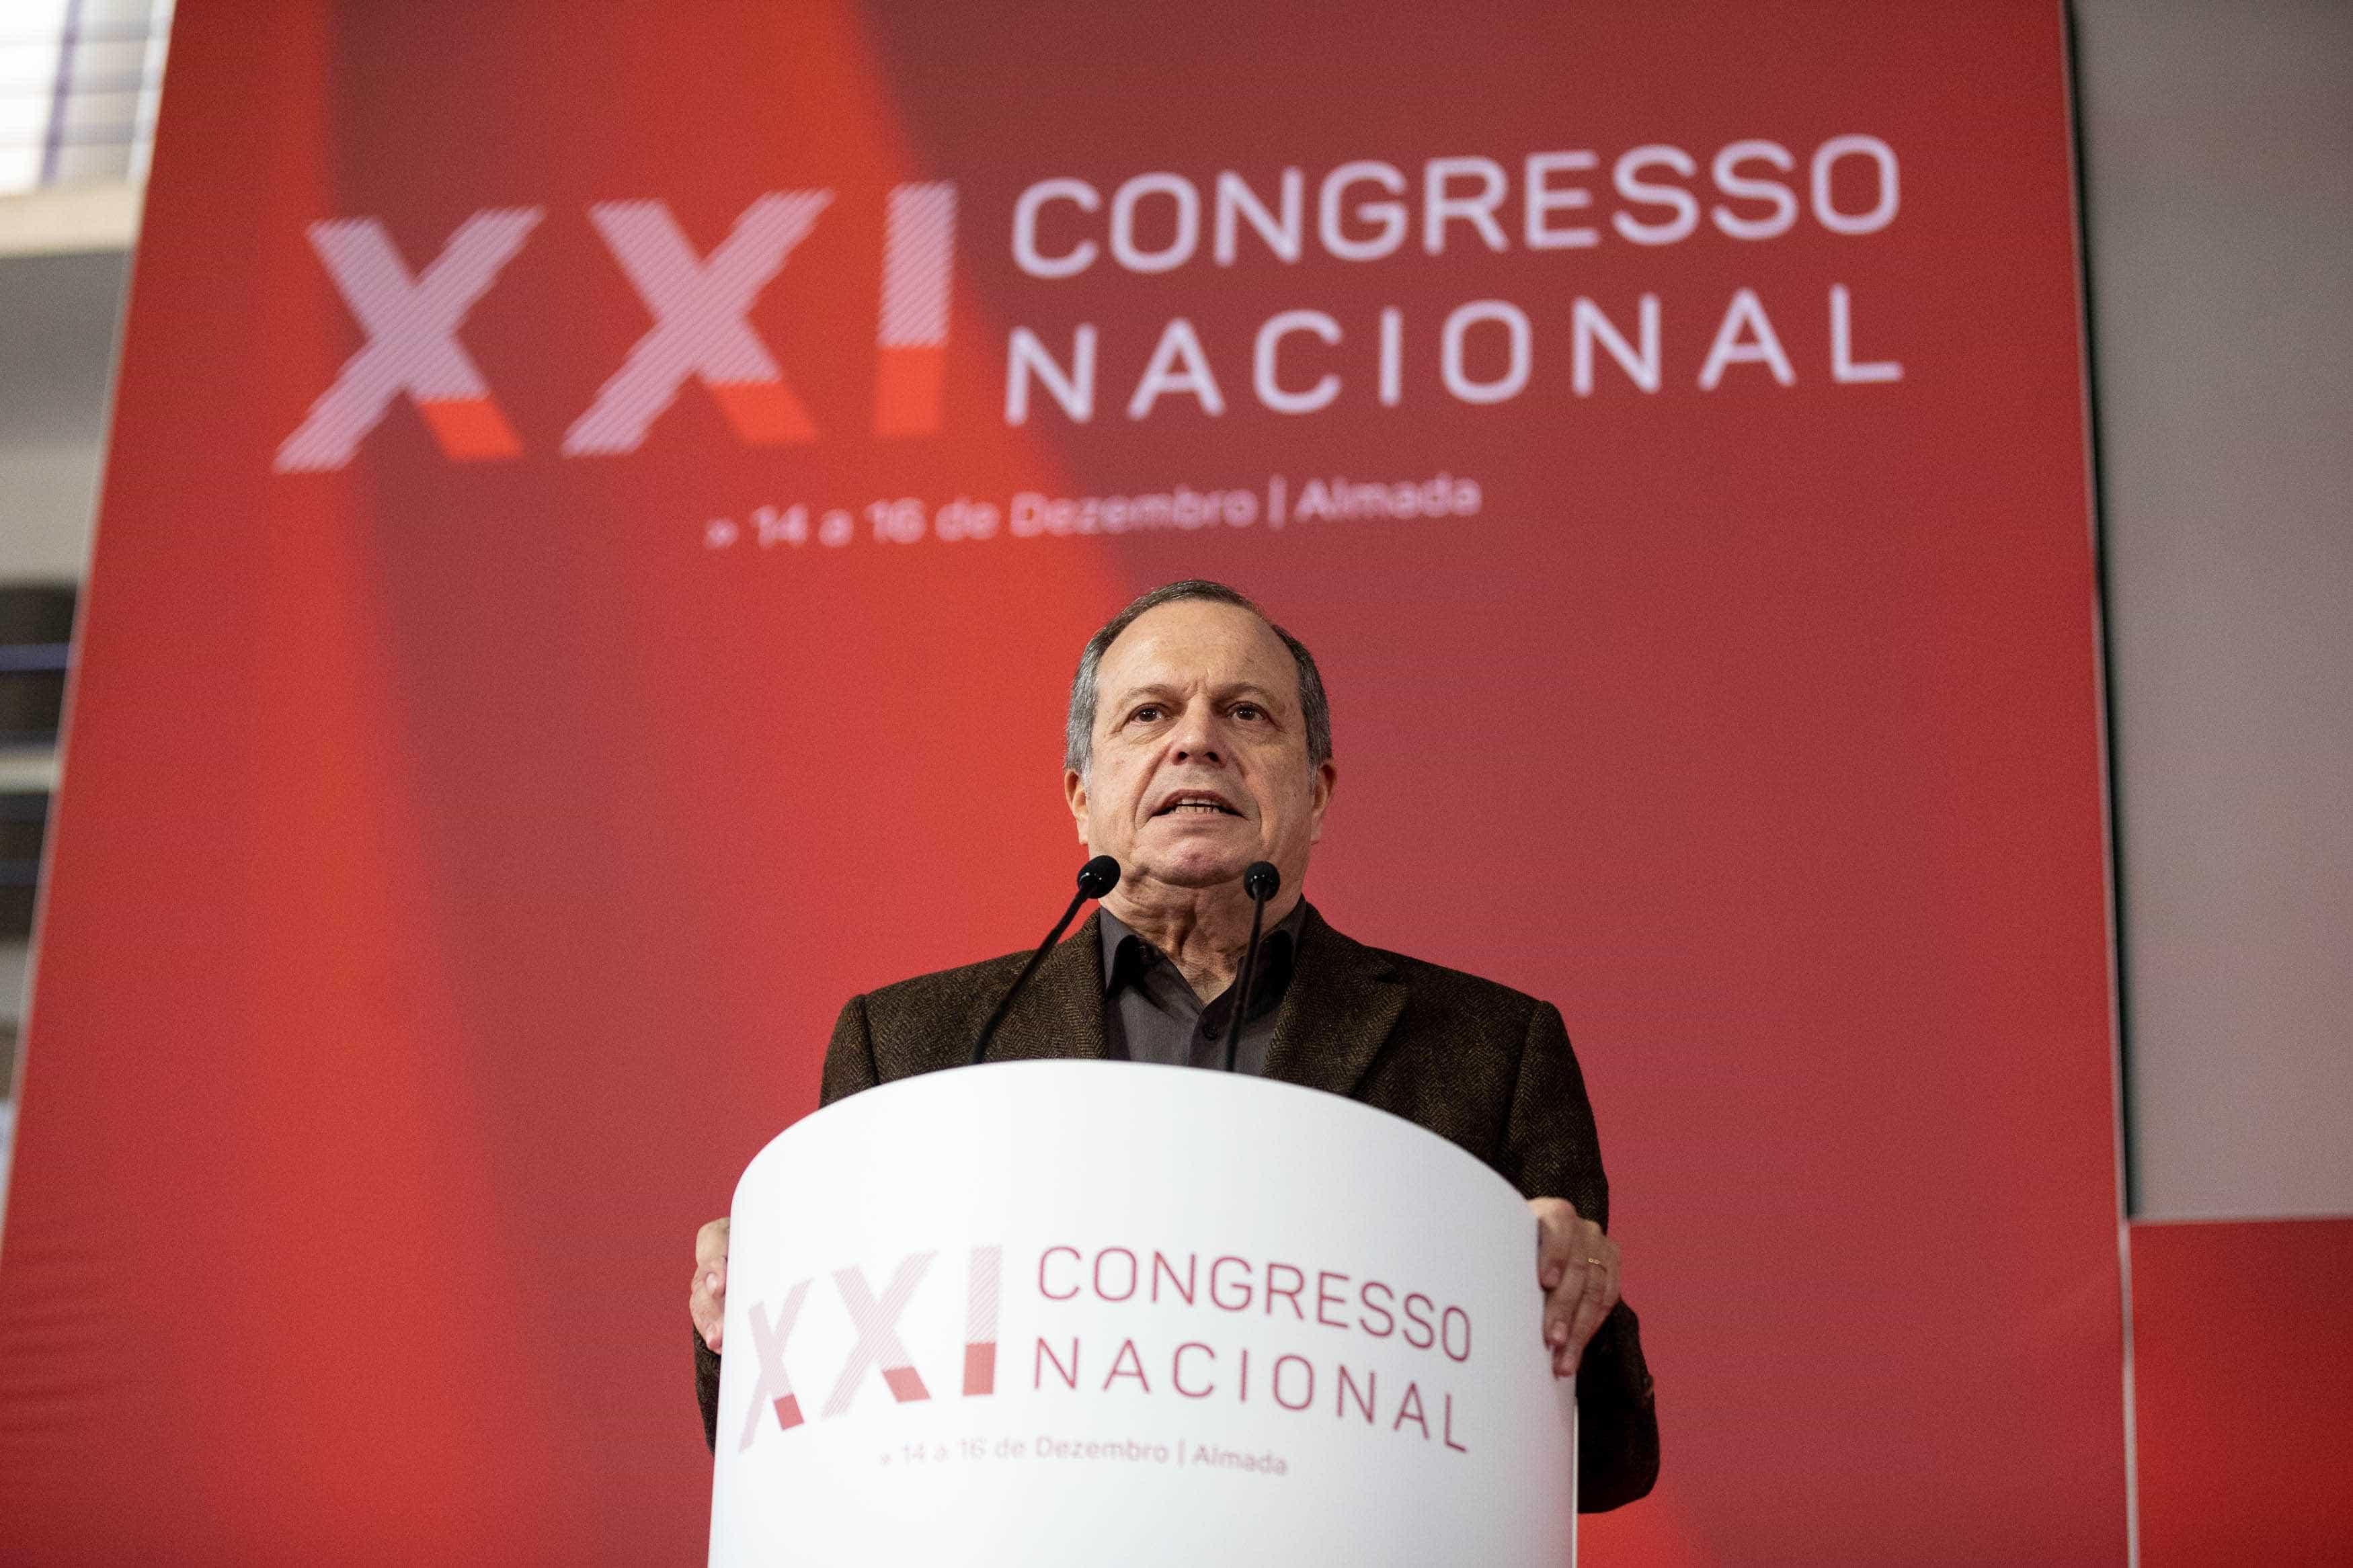 """PS acusa Bloco de ter """"abundantes relações familiares"""" na sua bancada"""